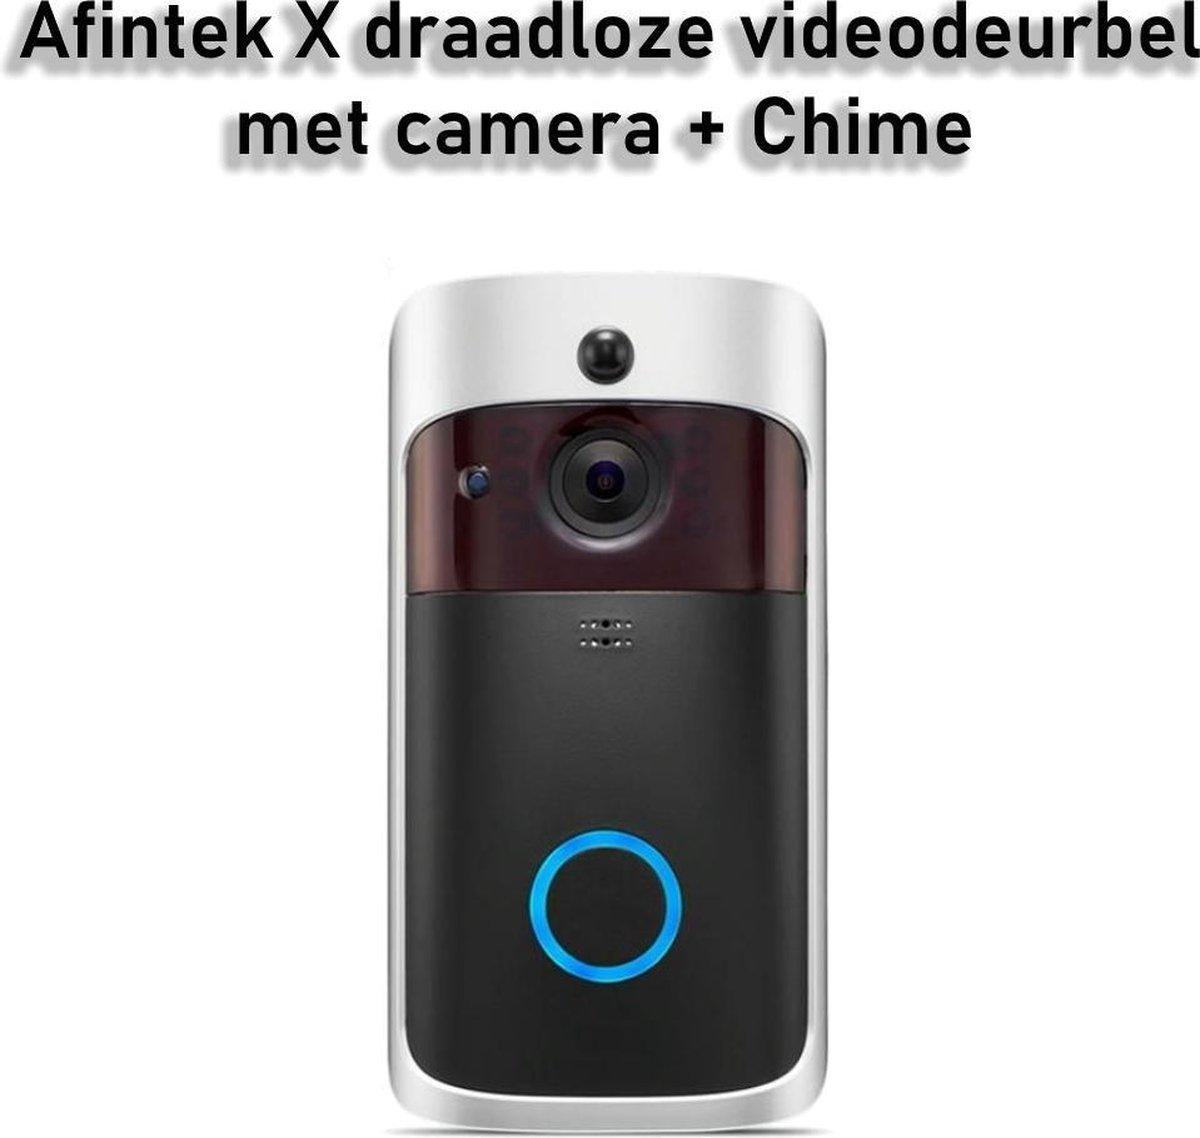 AFINTEK X Videodeurbel met Camera - Slimme Deurbel | Inclusief Gong & Batterijen